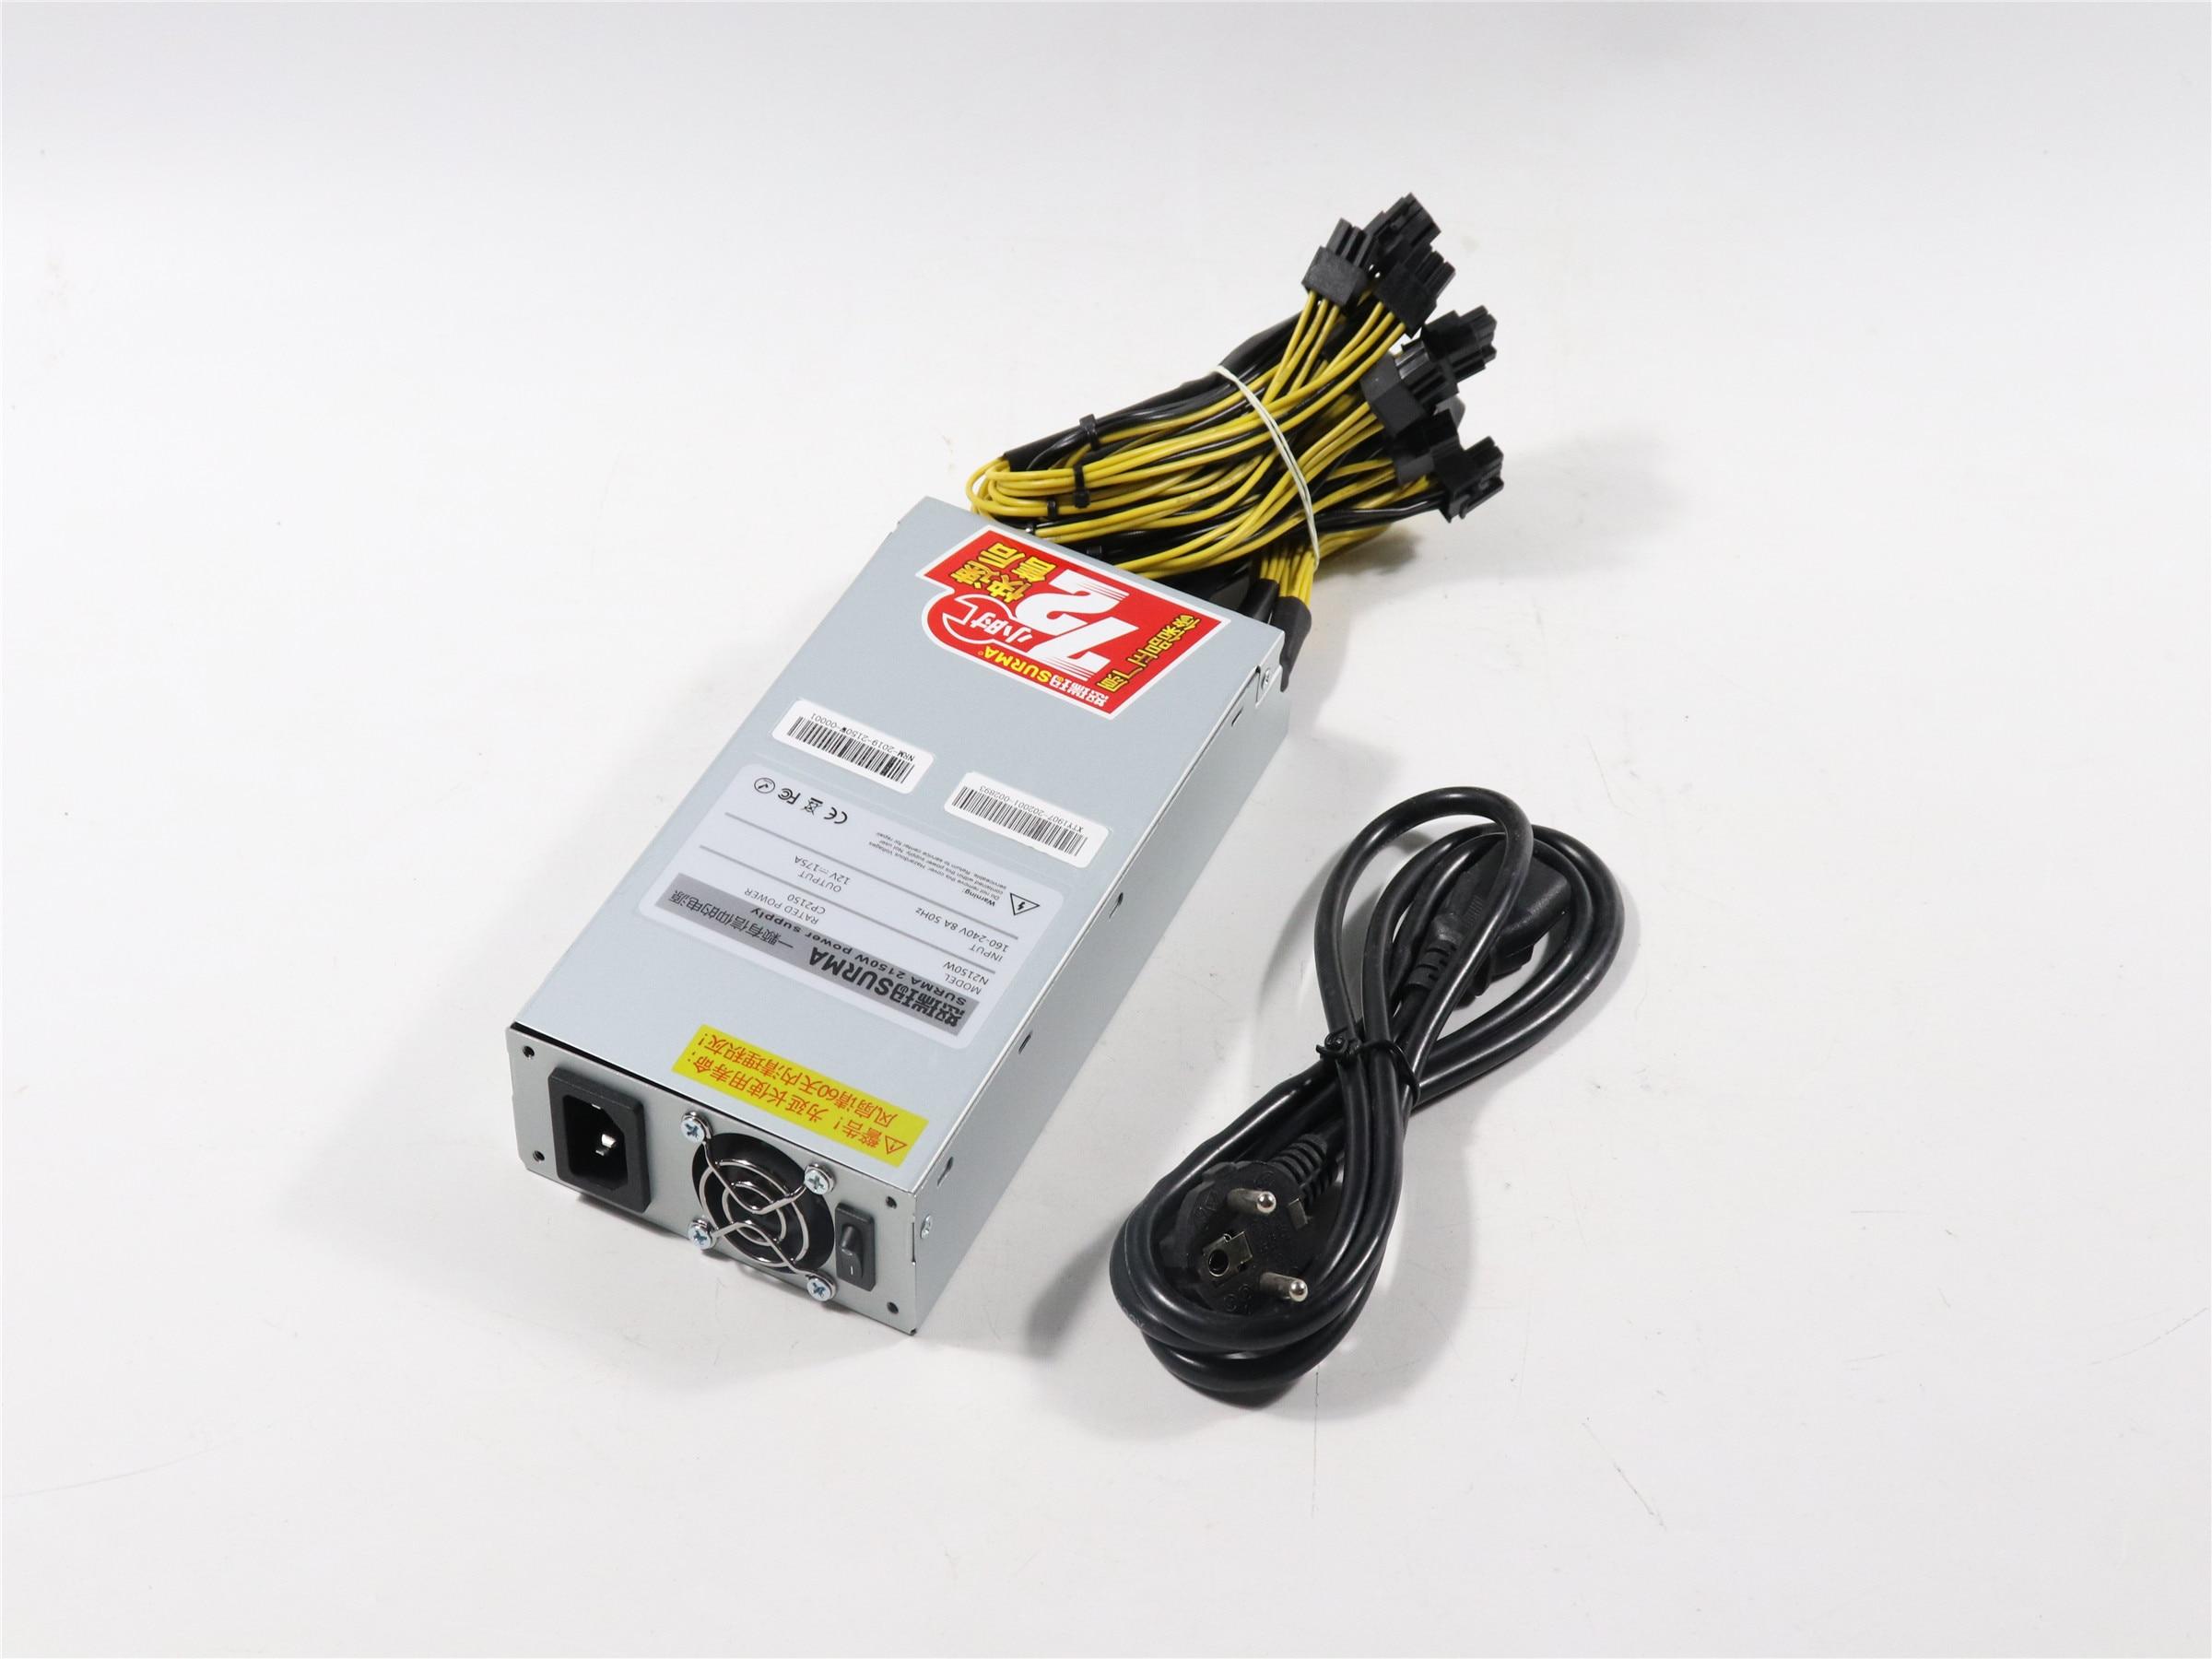 Nouveau ZEC BTC LTC DASH Miner alimentation 2150W pour Antminer S9 S9j S9k S9 SE L3 + E3 Z9 Z11 T9 Innosilicon A9 Ebit E9i ETH PSU